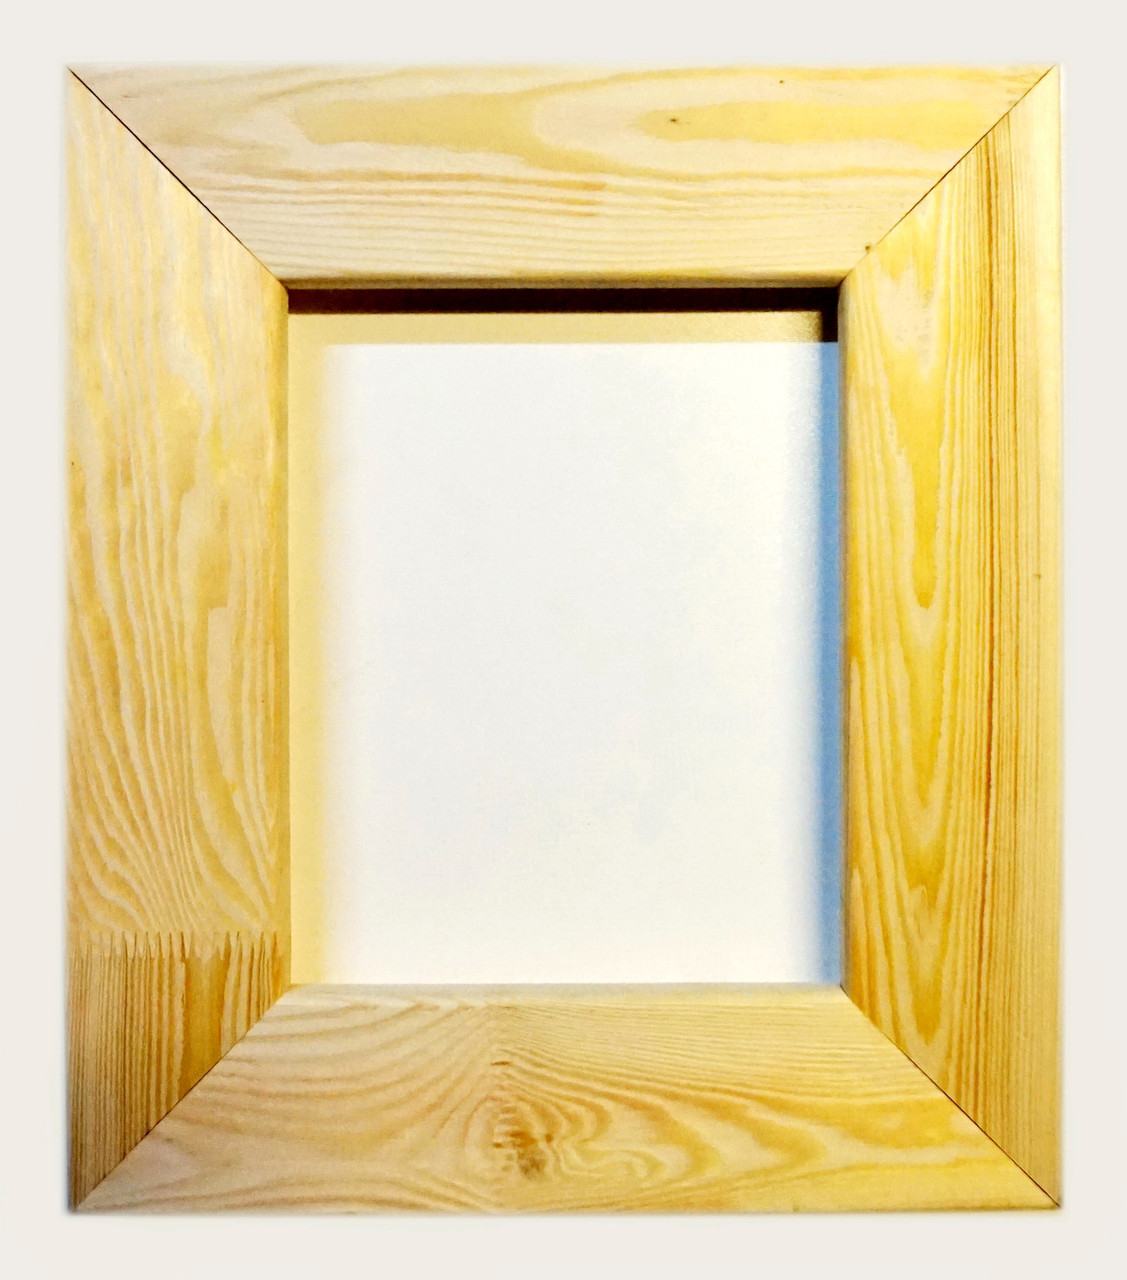 Рамка деревянная плоская с брашировкой под дуб шириной 75мм для декора.60х80см